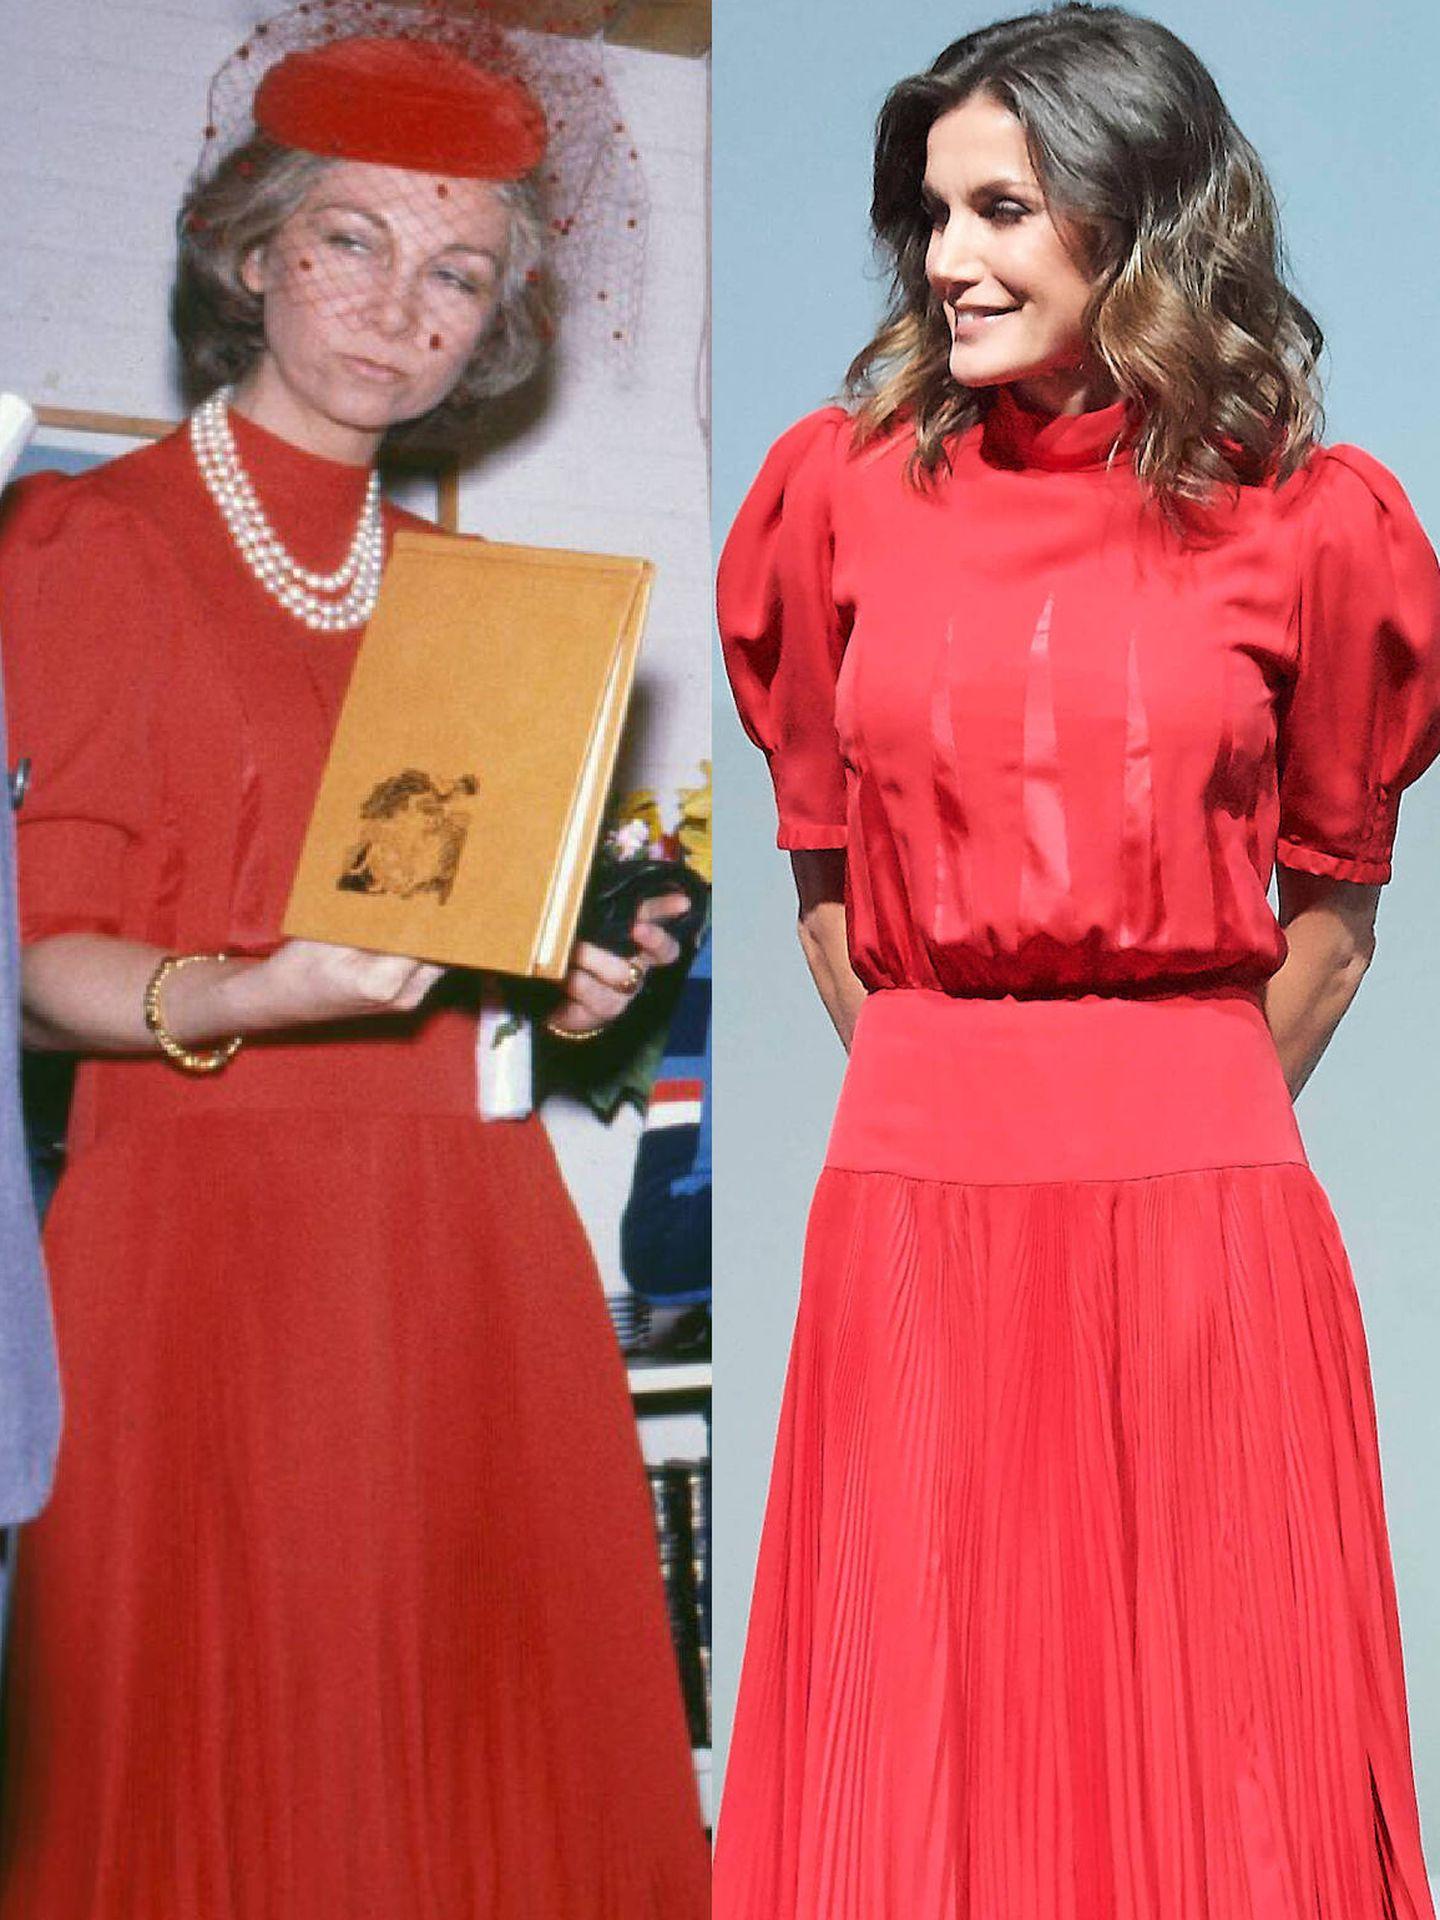 Doña Sofía en 1980 con el vestido y doña Letizia en 2018. (Getty / LP)